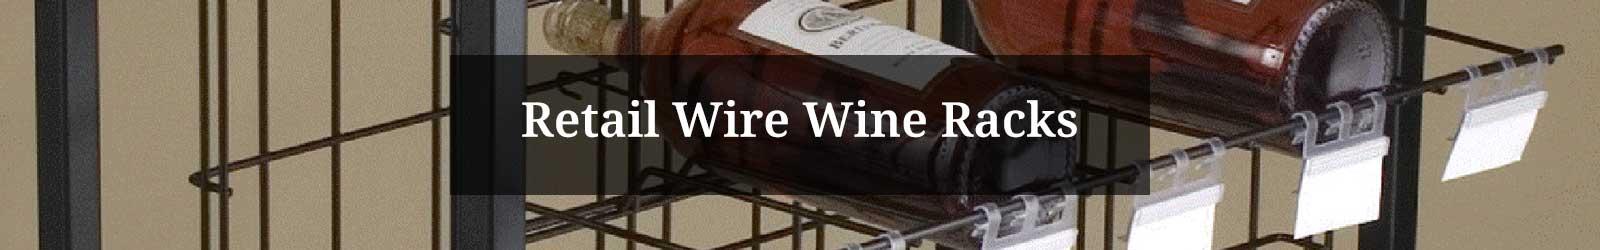 Retail Wire Wine Racks